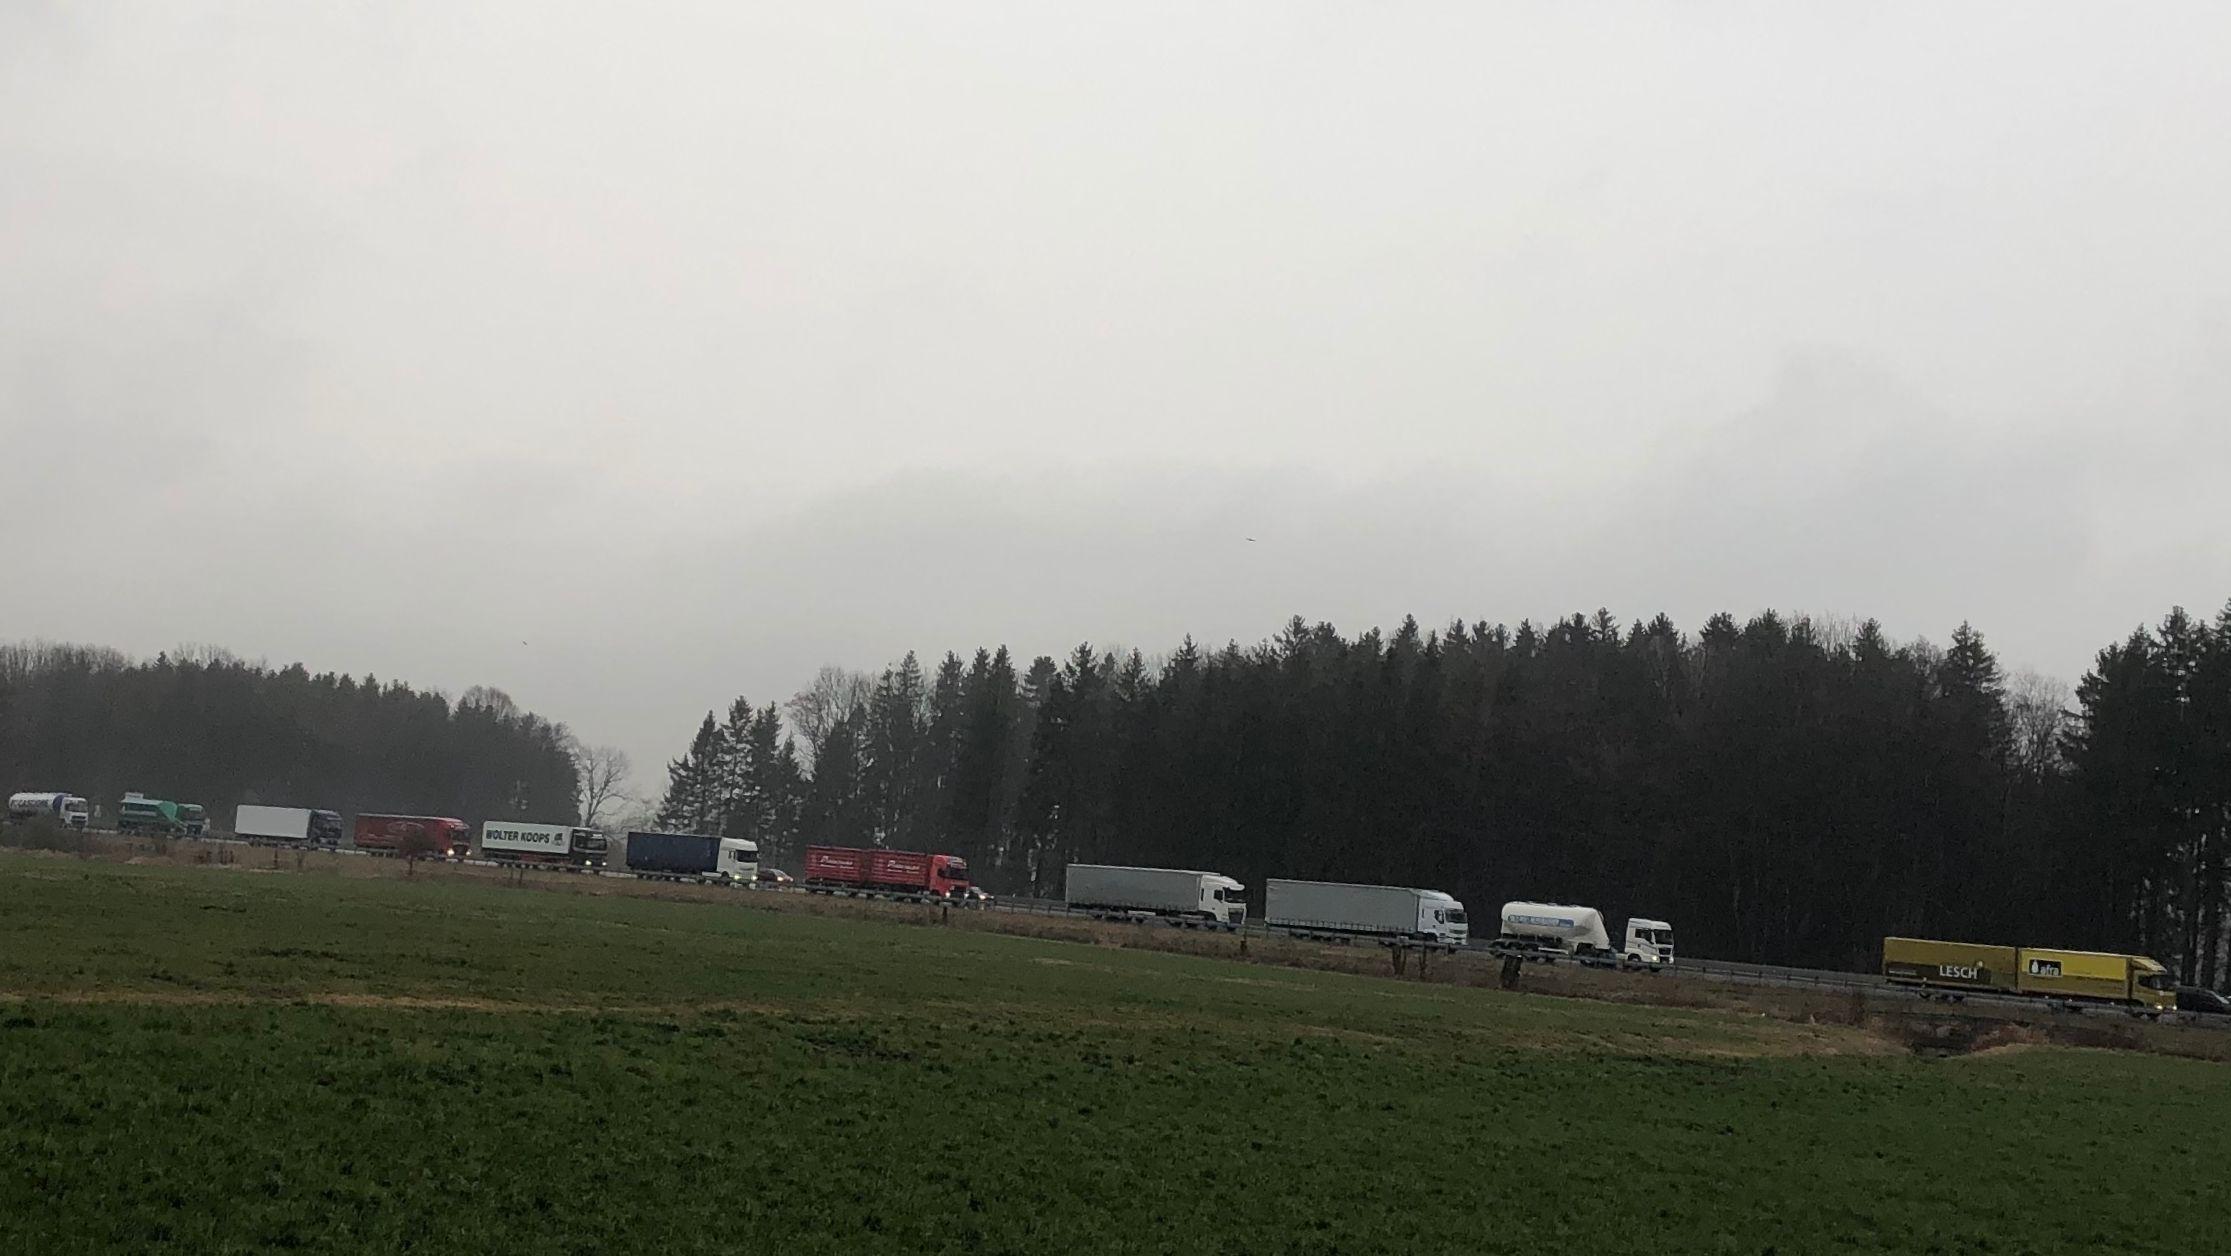 LKW-Stau im Inntal wegen Blockabfertigung